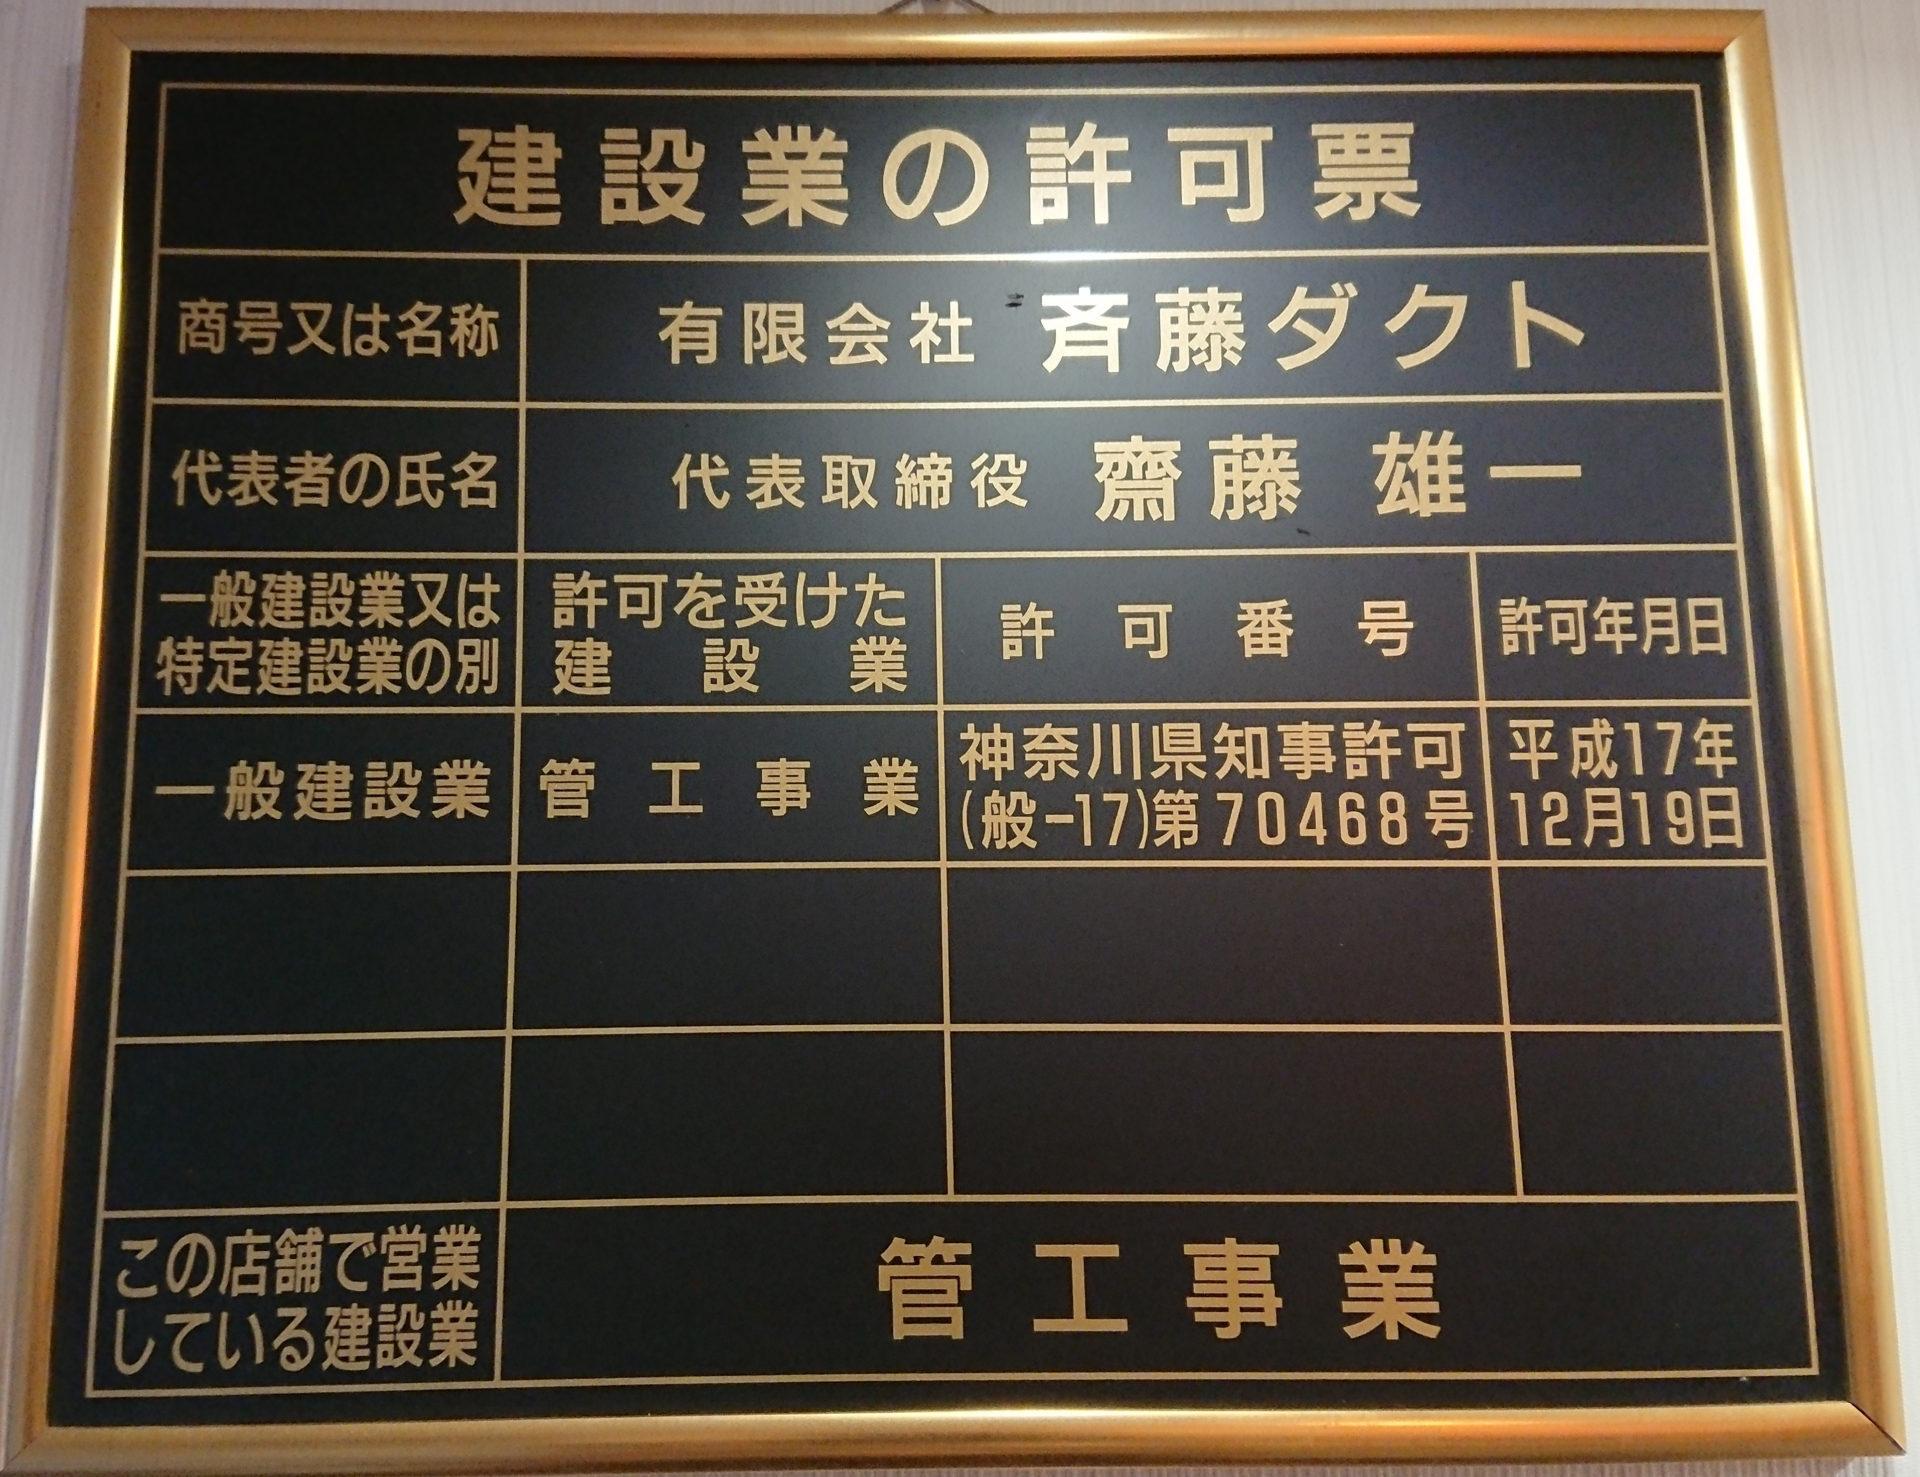 斉藤ダクト業の許可票